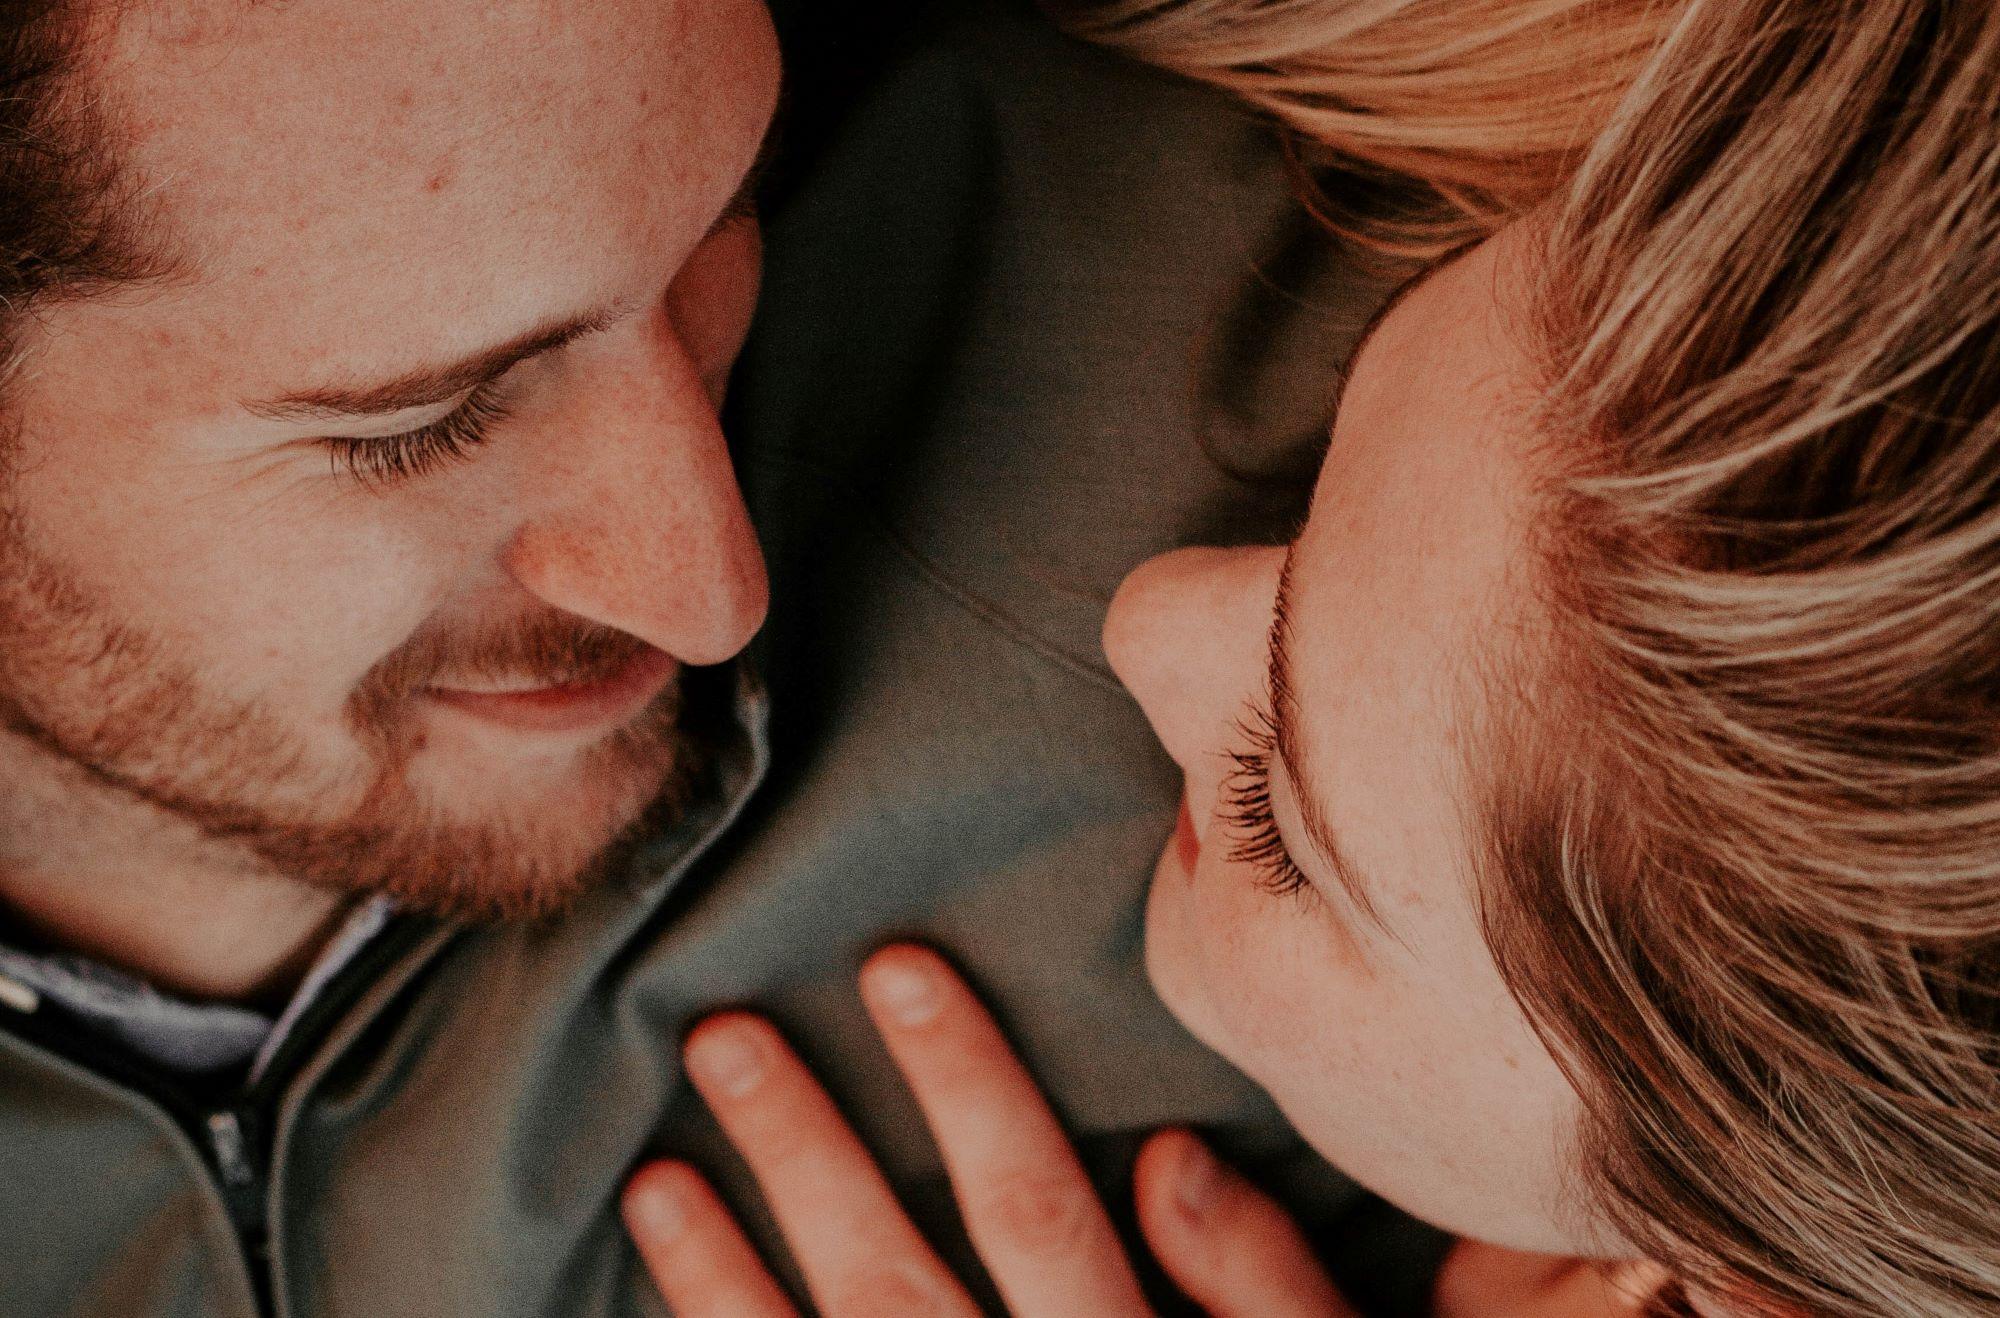 איך לשמור על הזוגיות